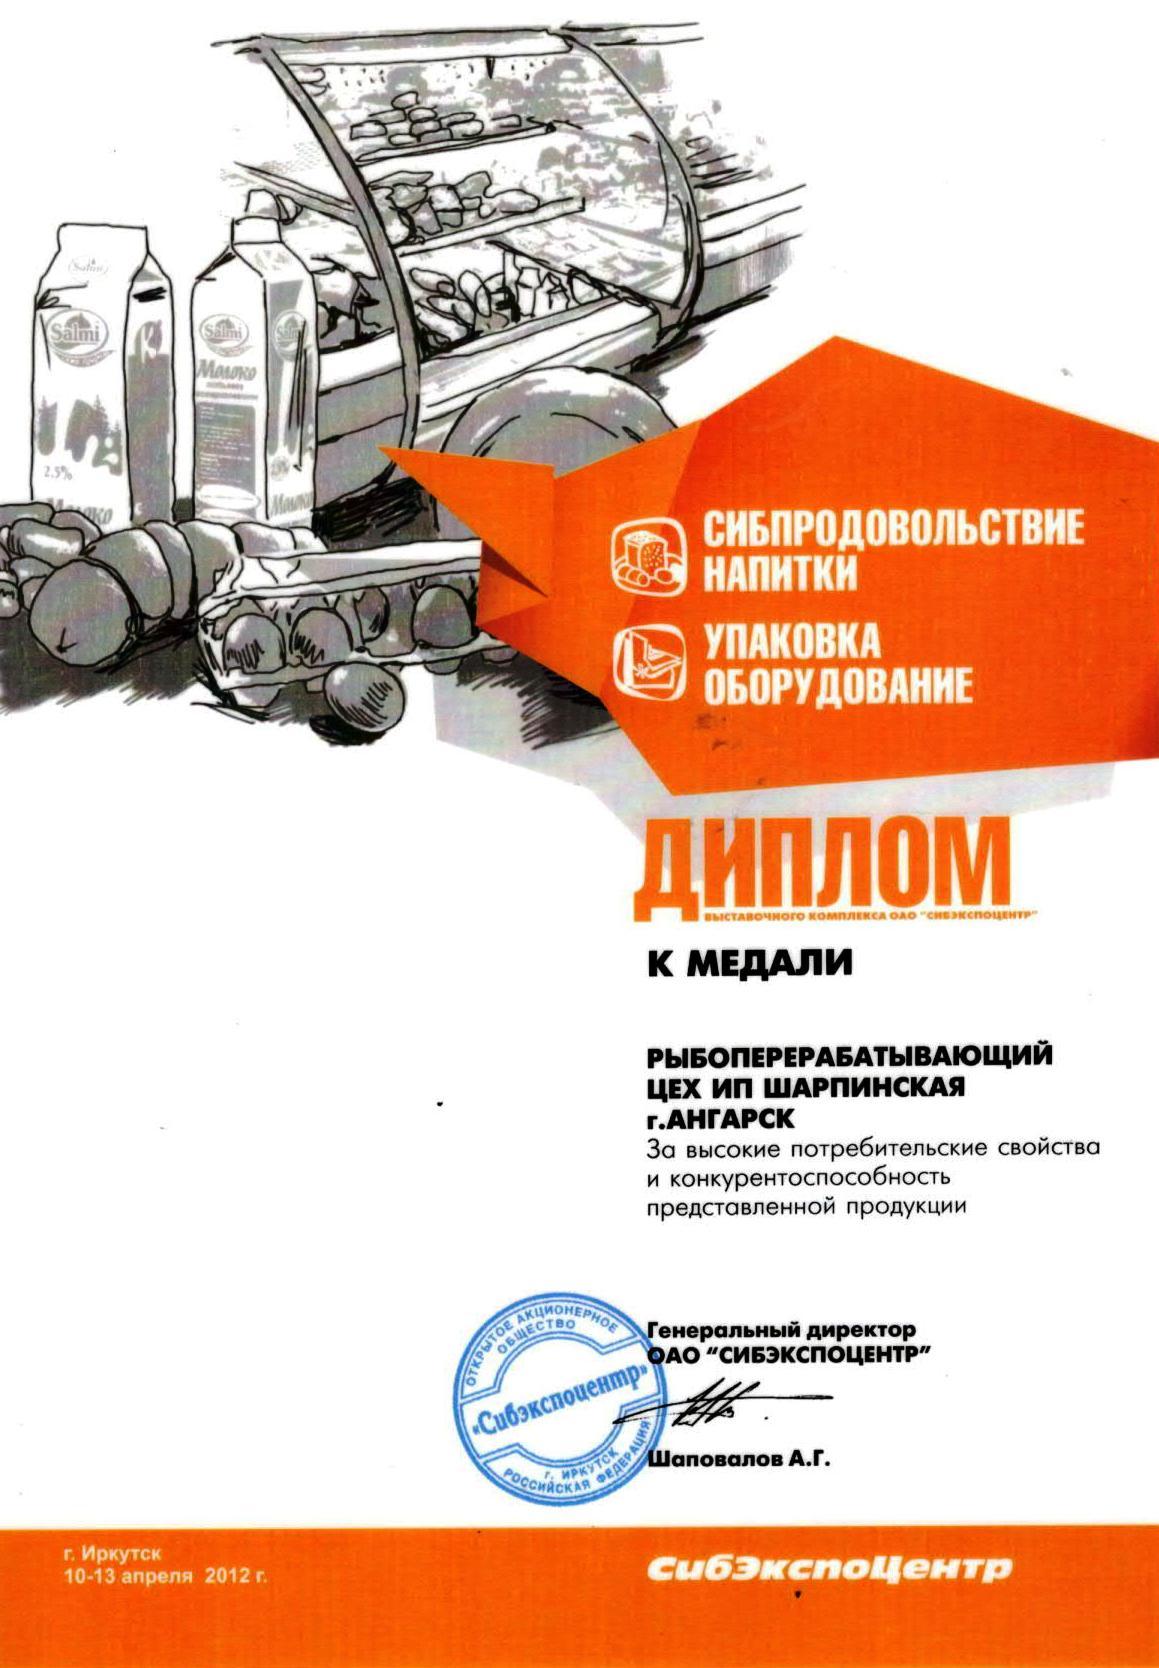 Сибпрод 2012(3) 1